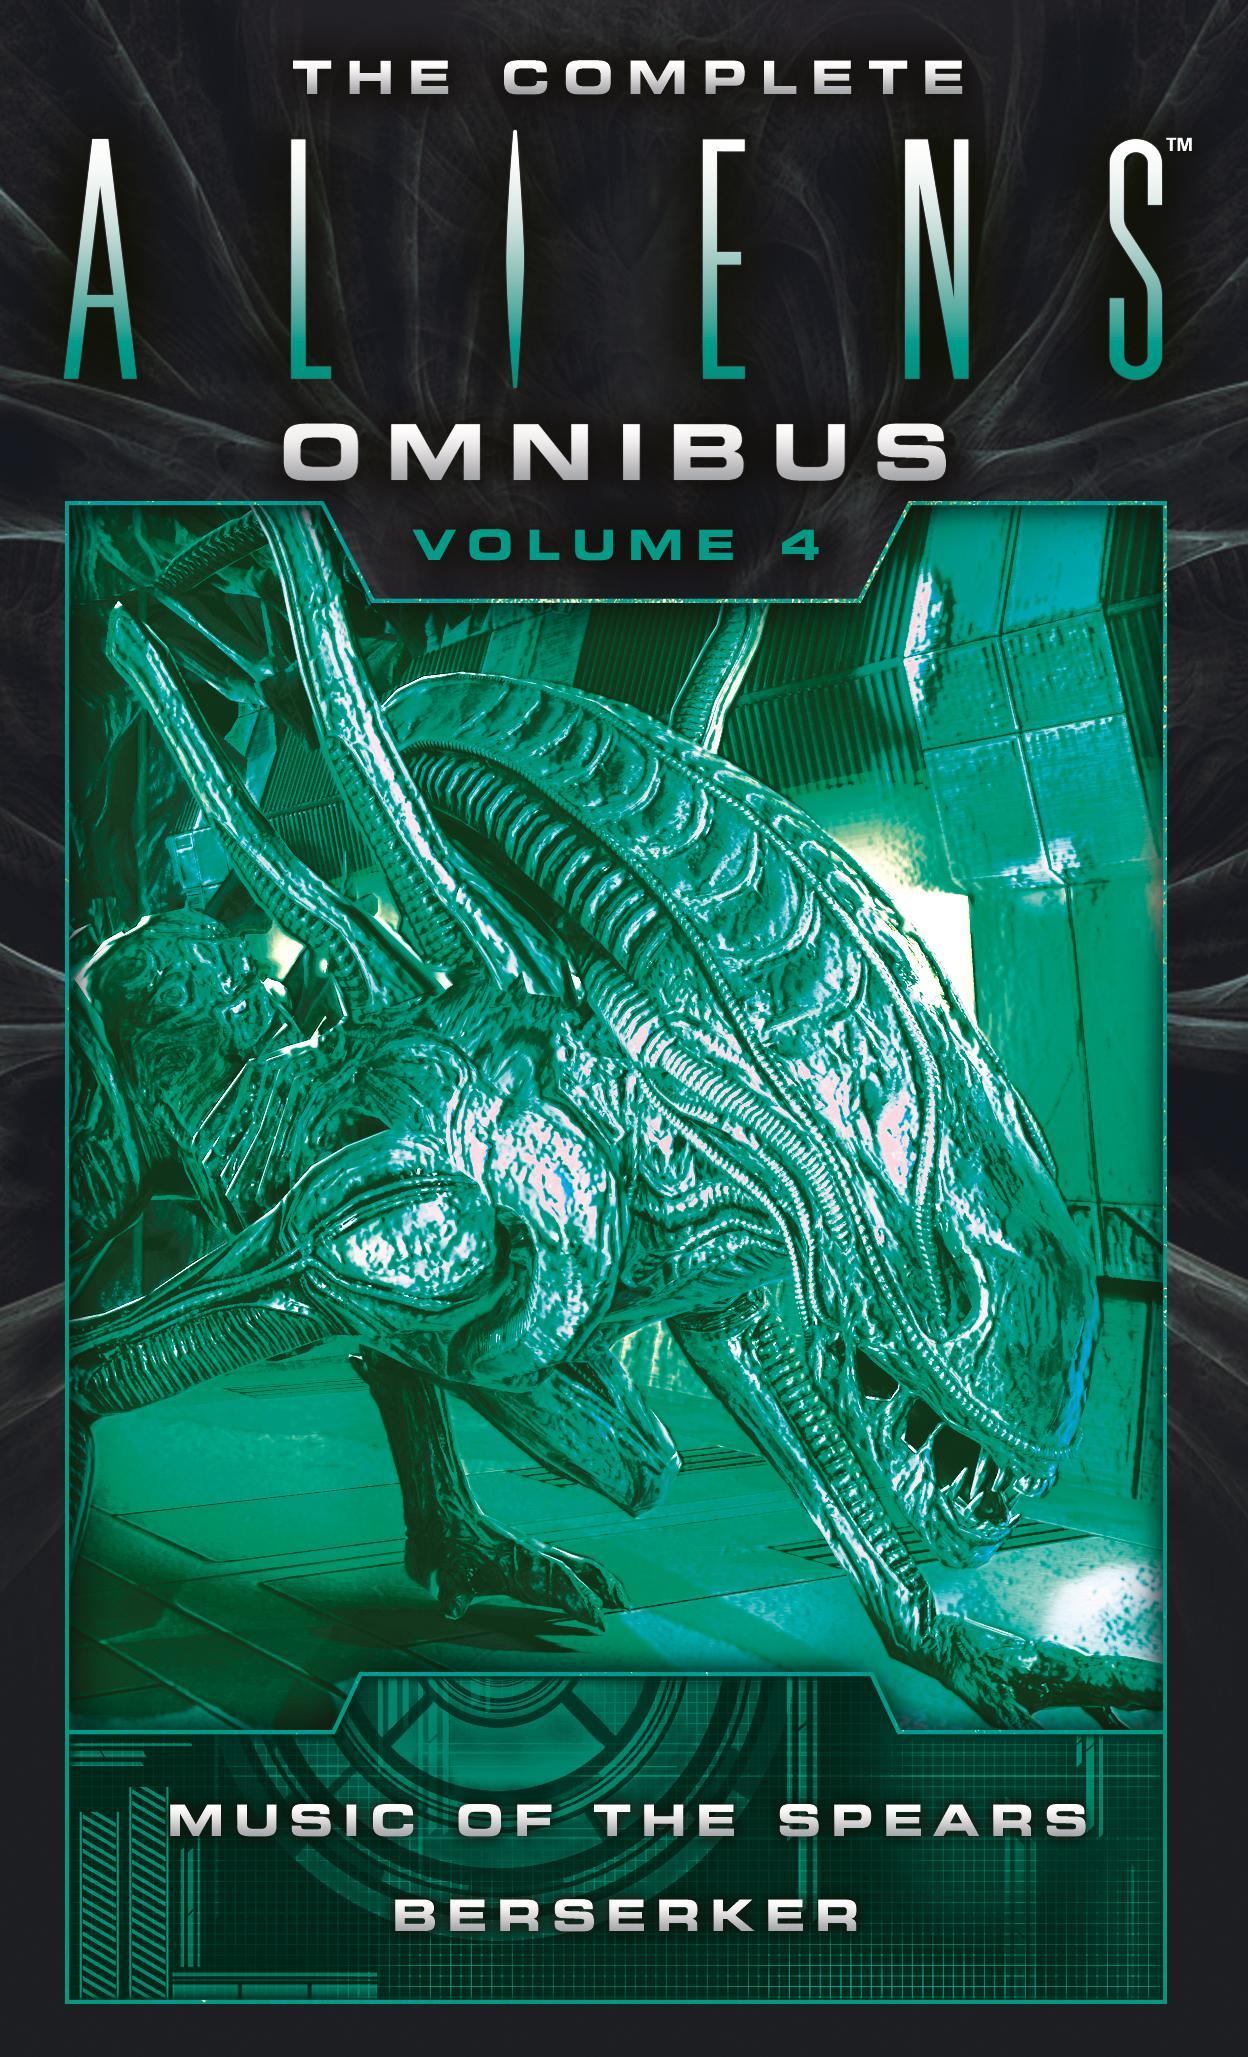 The Complete Aliens Omnibus: Volume Four (Music of the Spears, Beserker) aliens omnibus volume 3